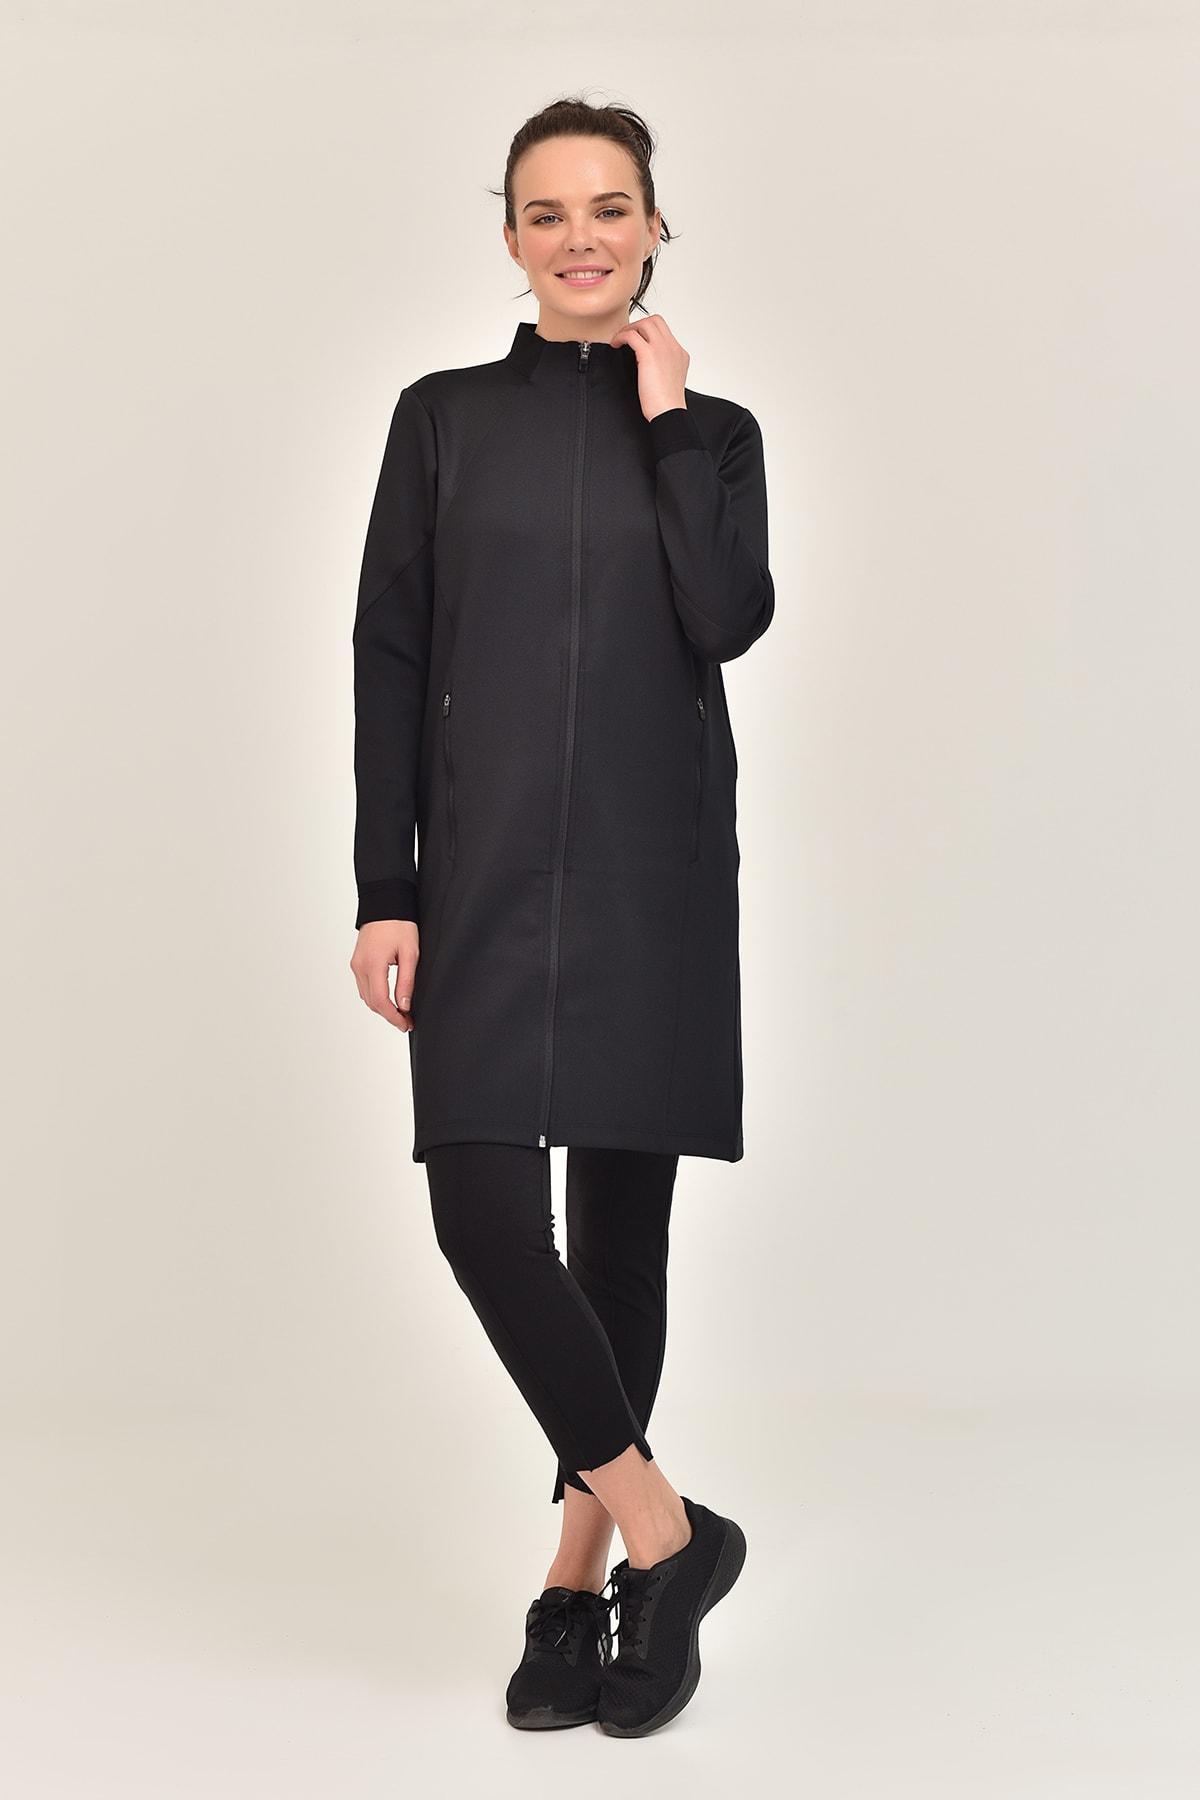 bilcee Siyah Kadın Uzun Ceket GS-1516 1